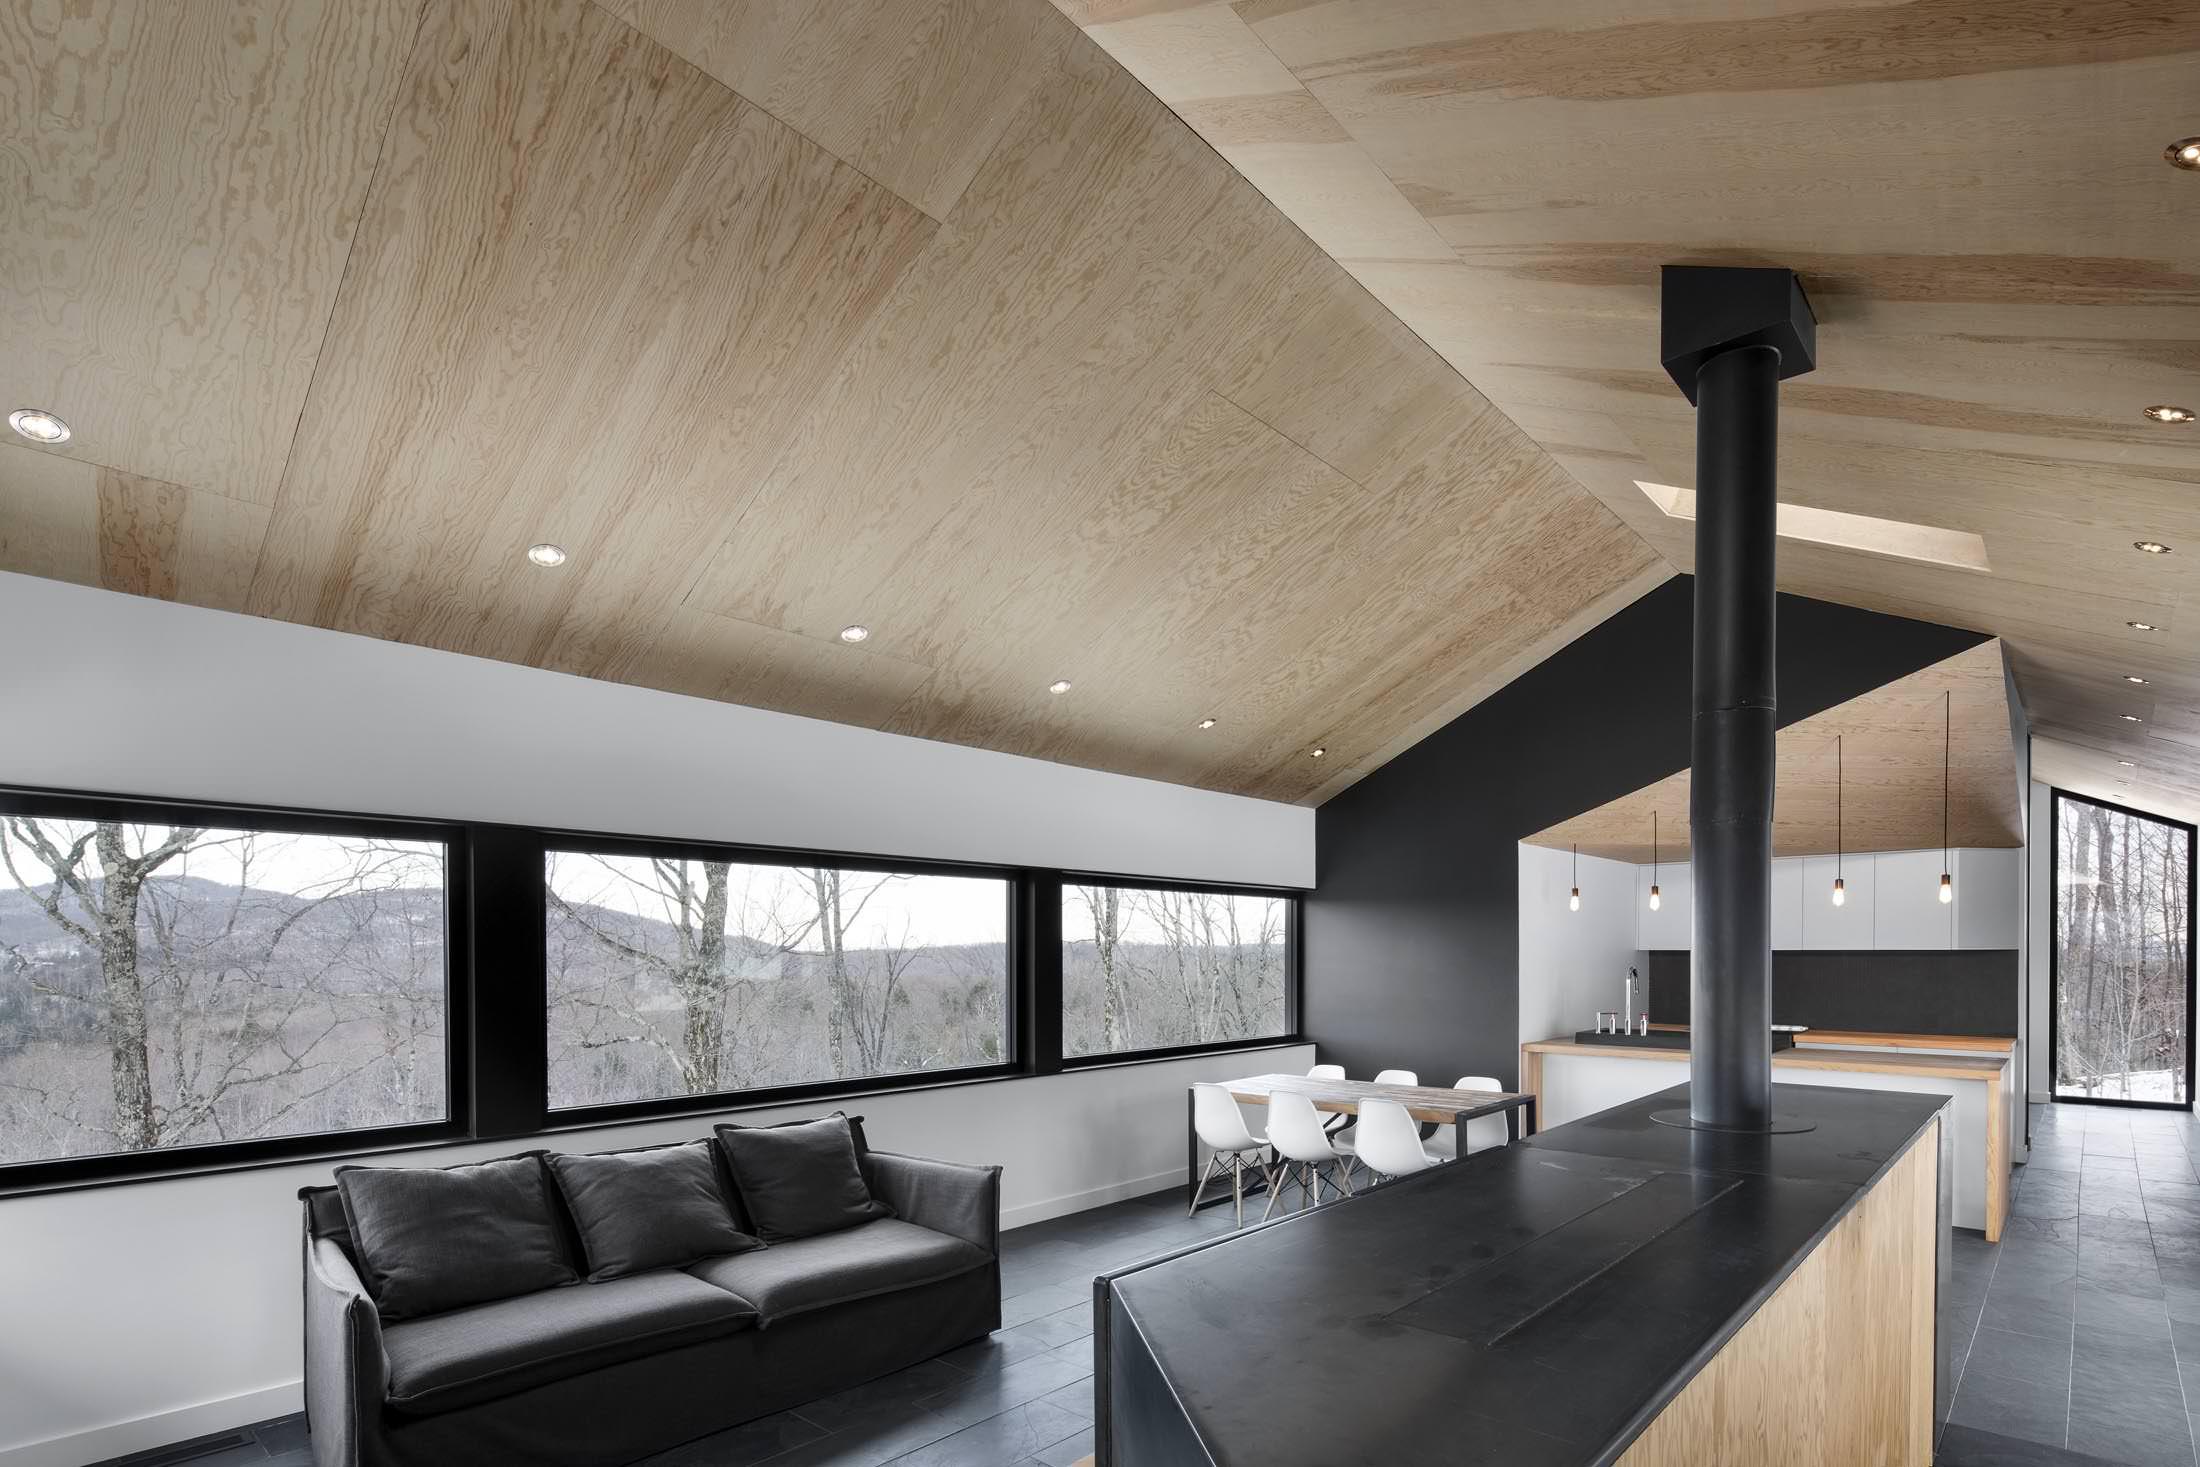 bolton residence par naturehumaine effront. Black Bedroom Furniture Sets. Home Design Ideas